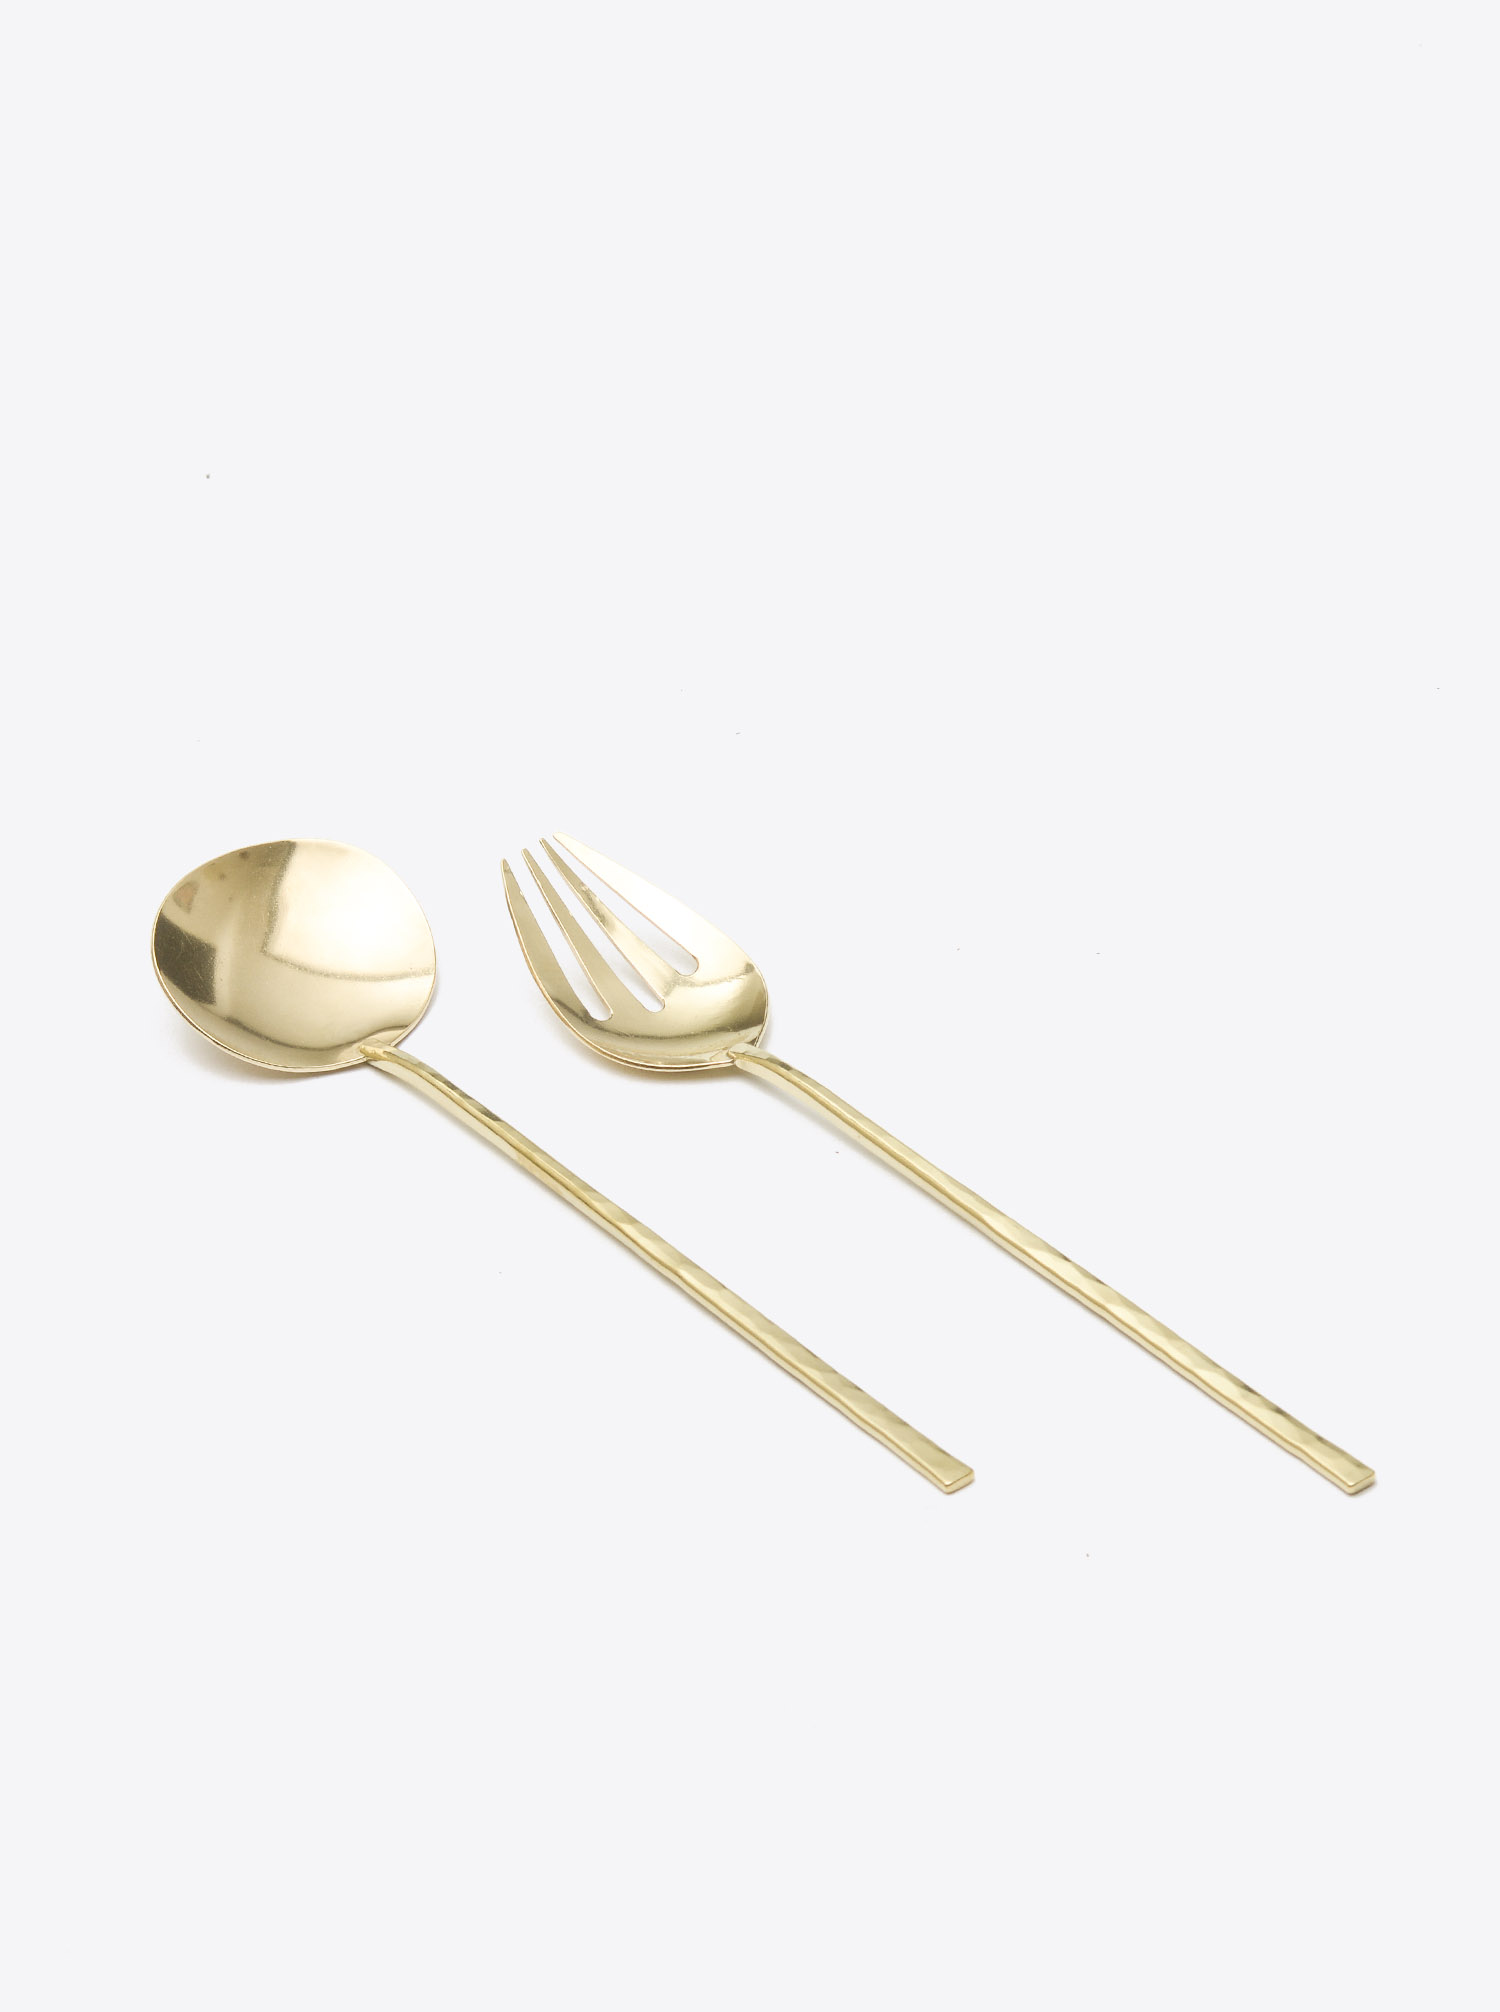 Presenting Cutlery Brass